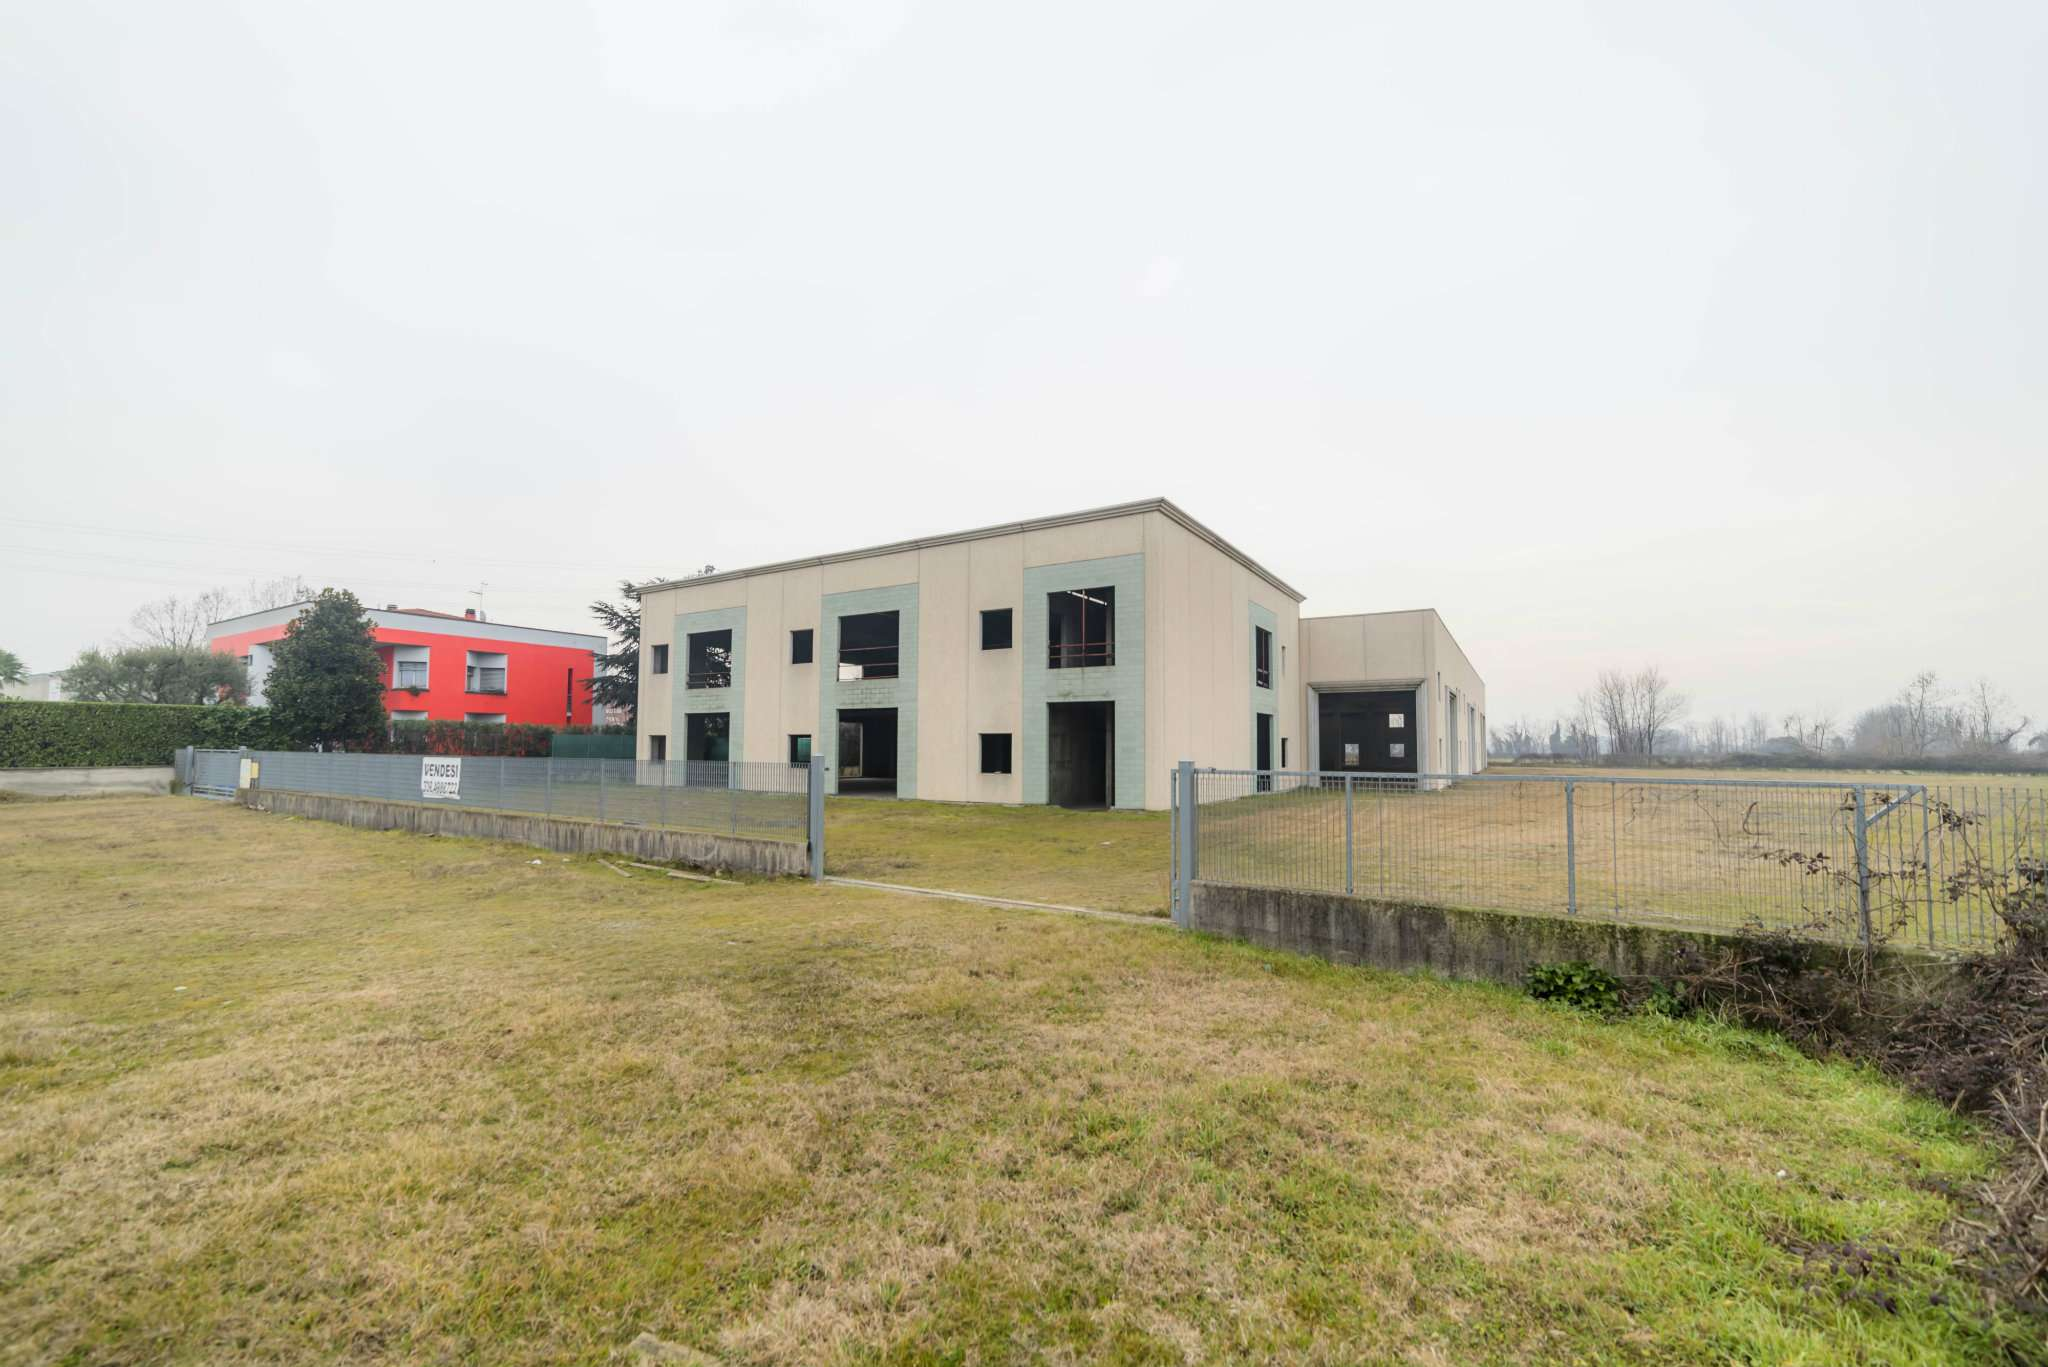 Capannone in vendita a Ciserano, 20 locali, Trattative riservate | CambioCasa.it